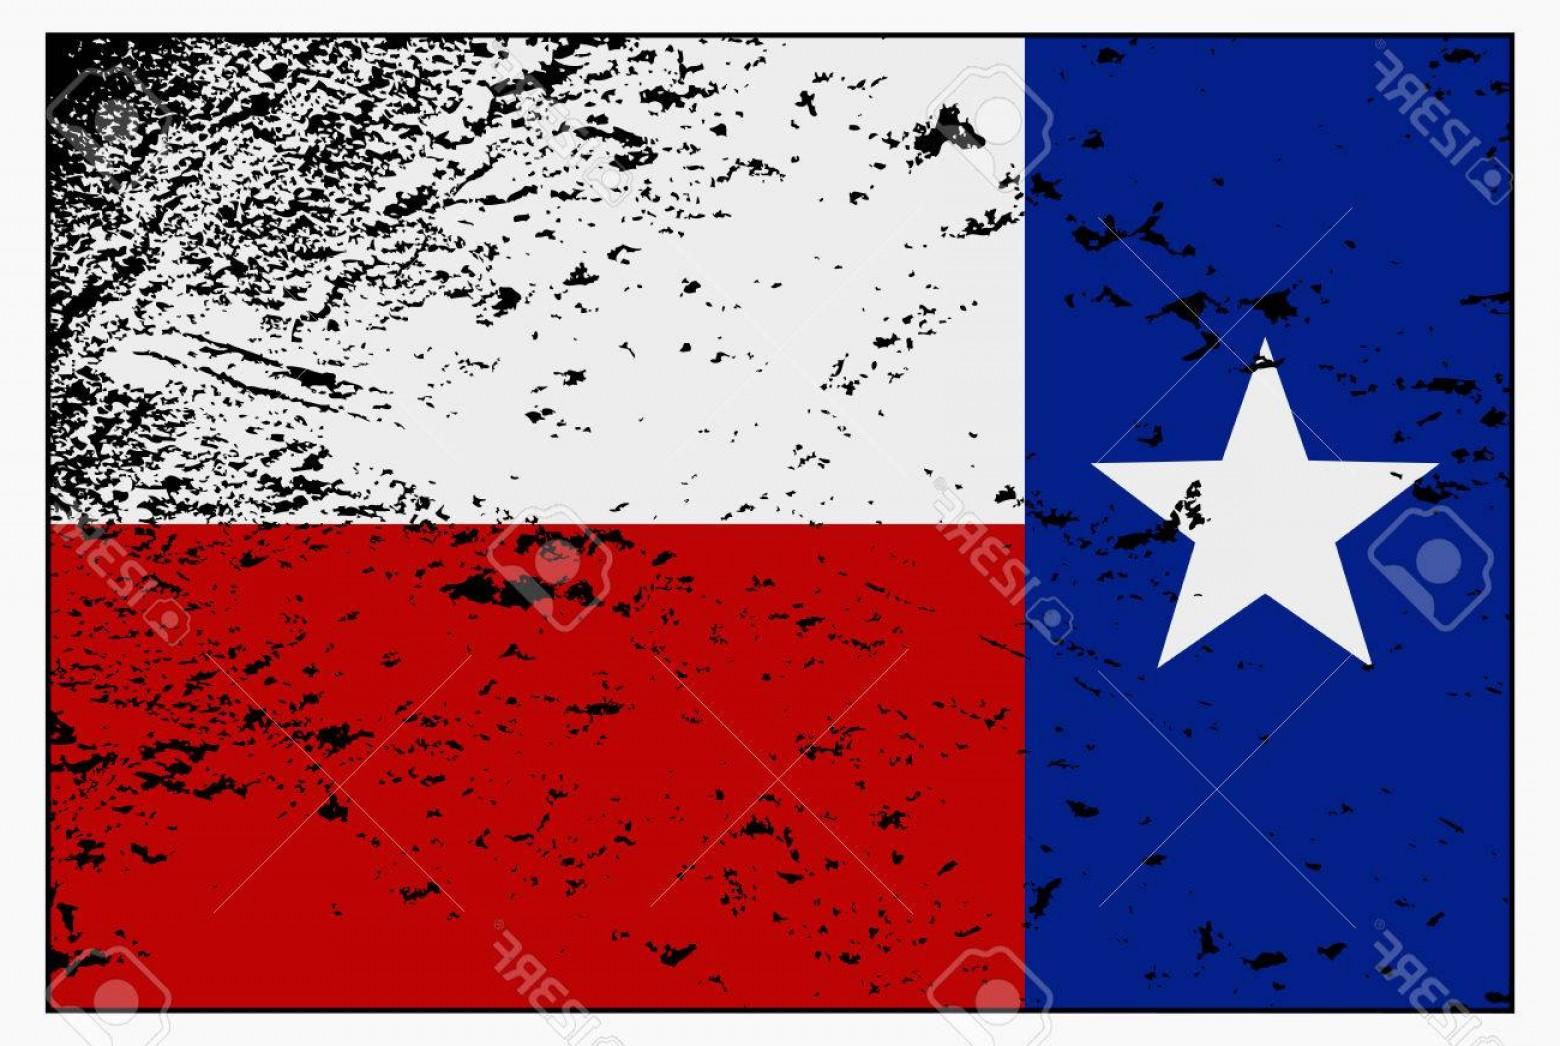 1560x1046 Photostock Vector A Texas Flag With A Grunge Design Isolated On A